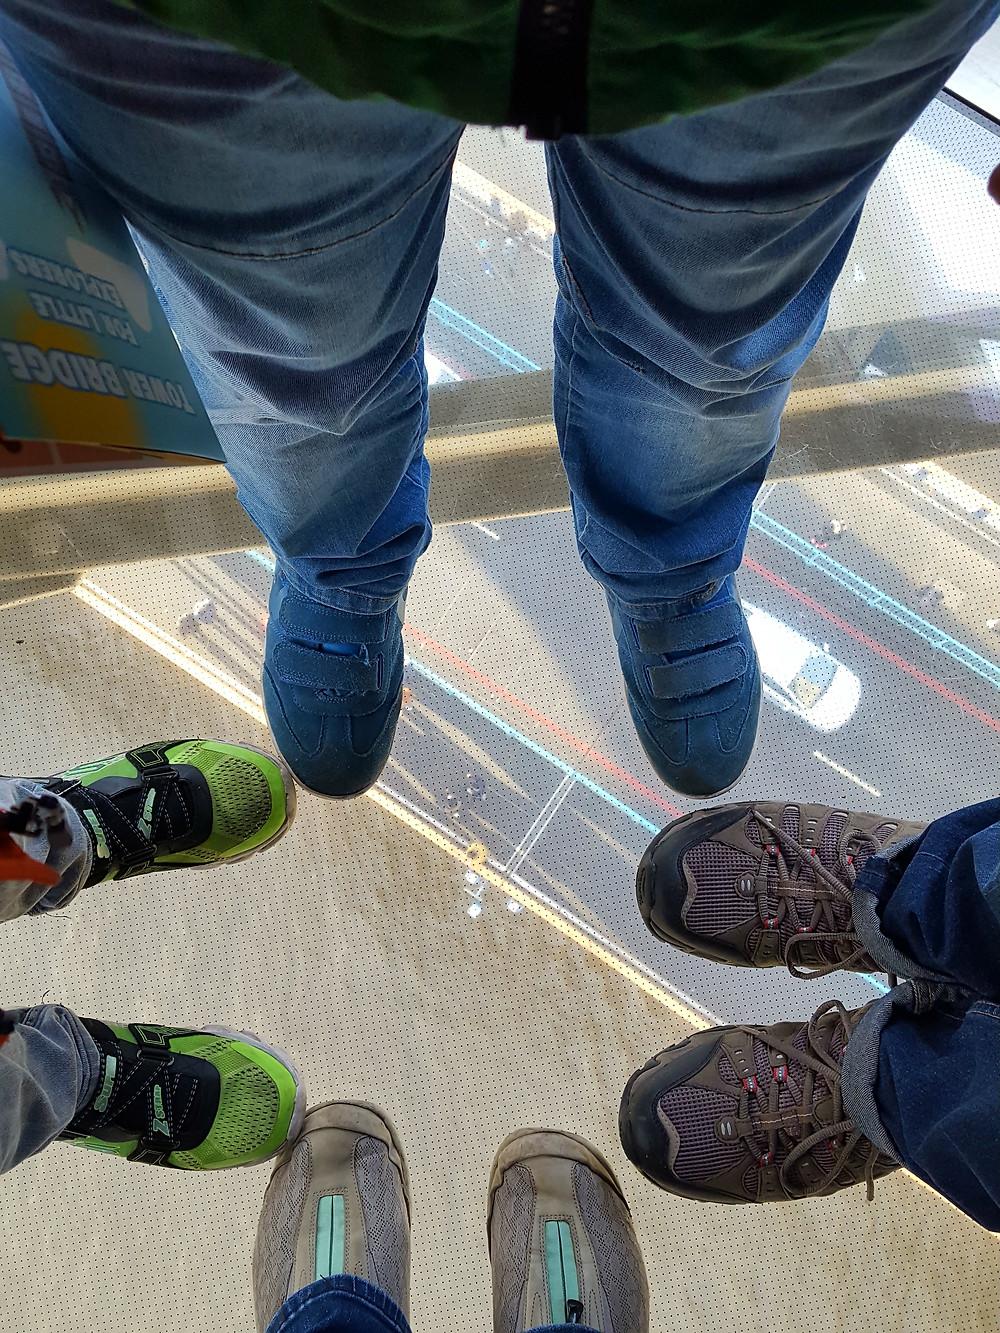 Feet on the Glass Floor